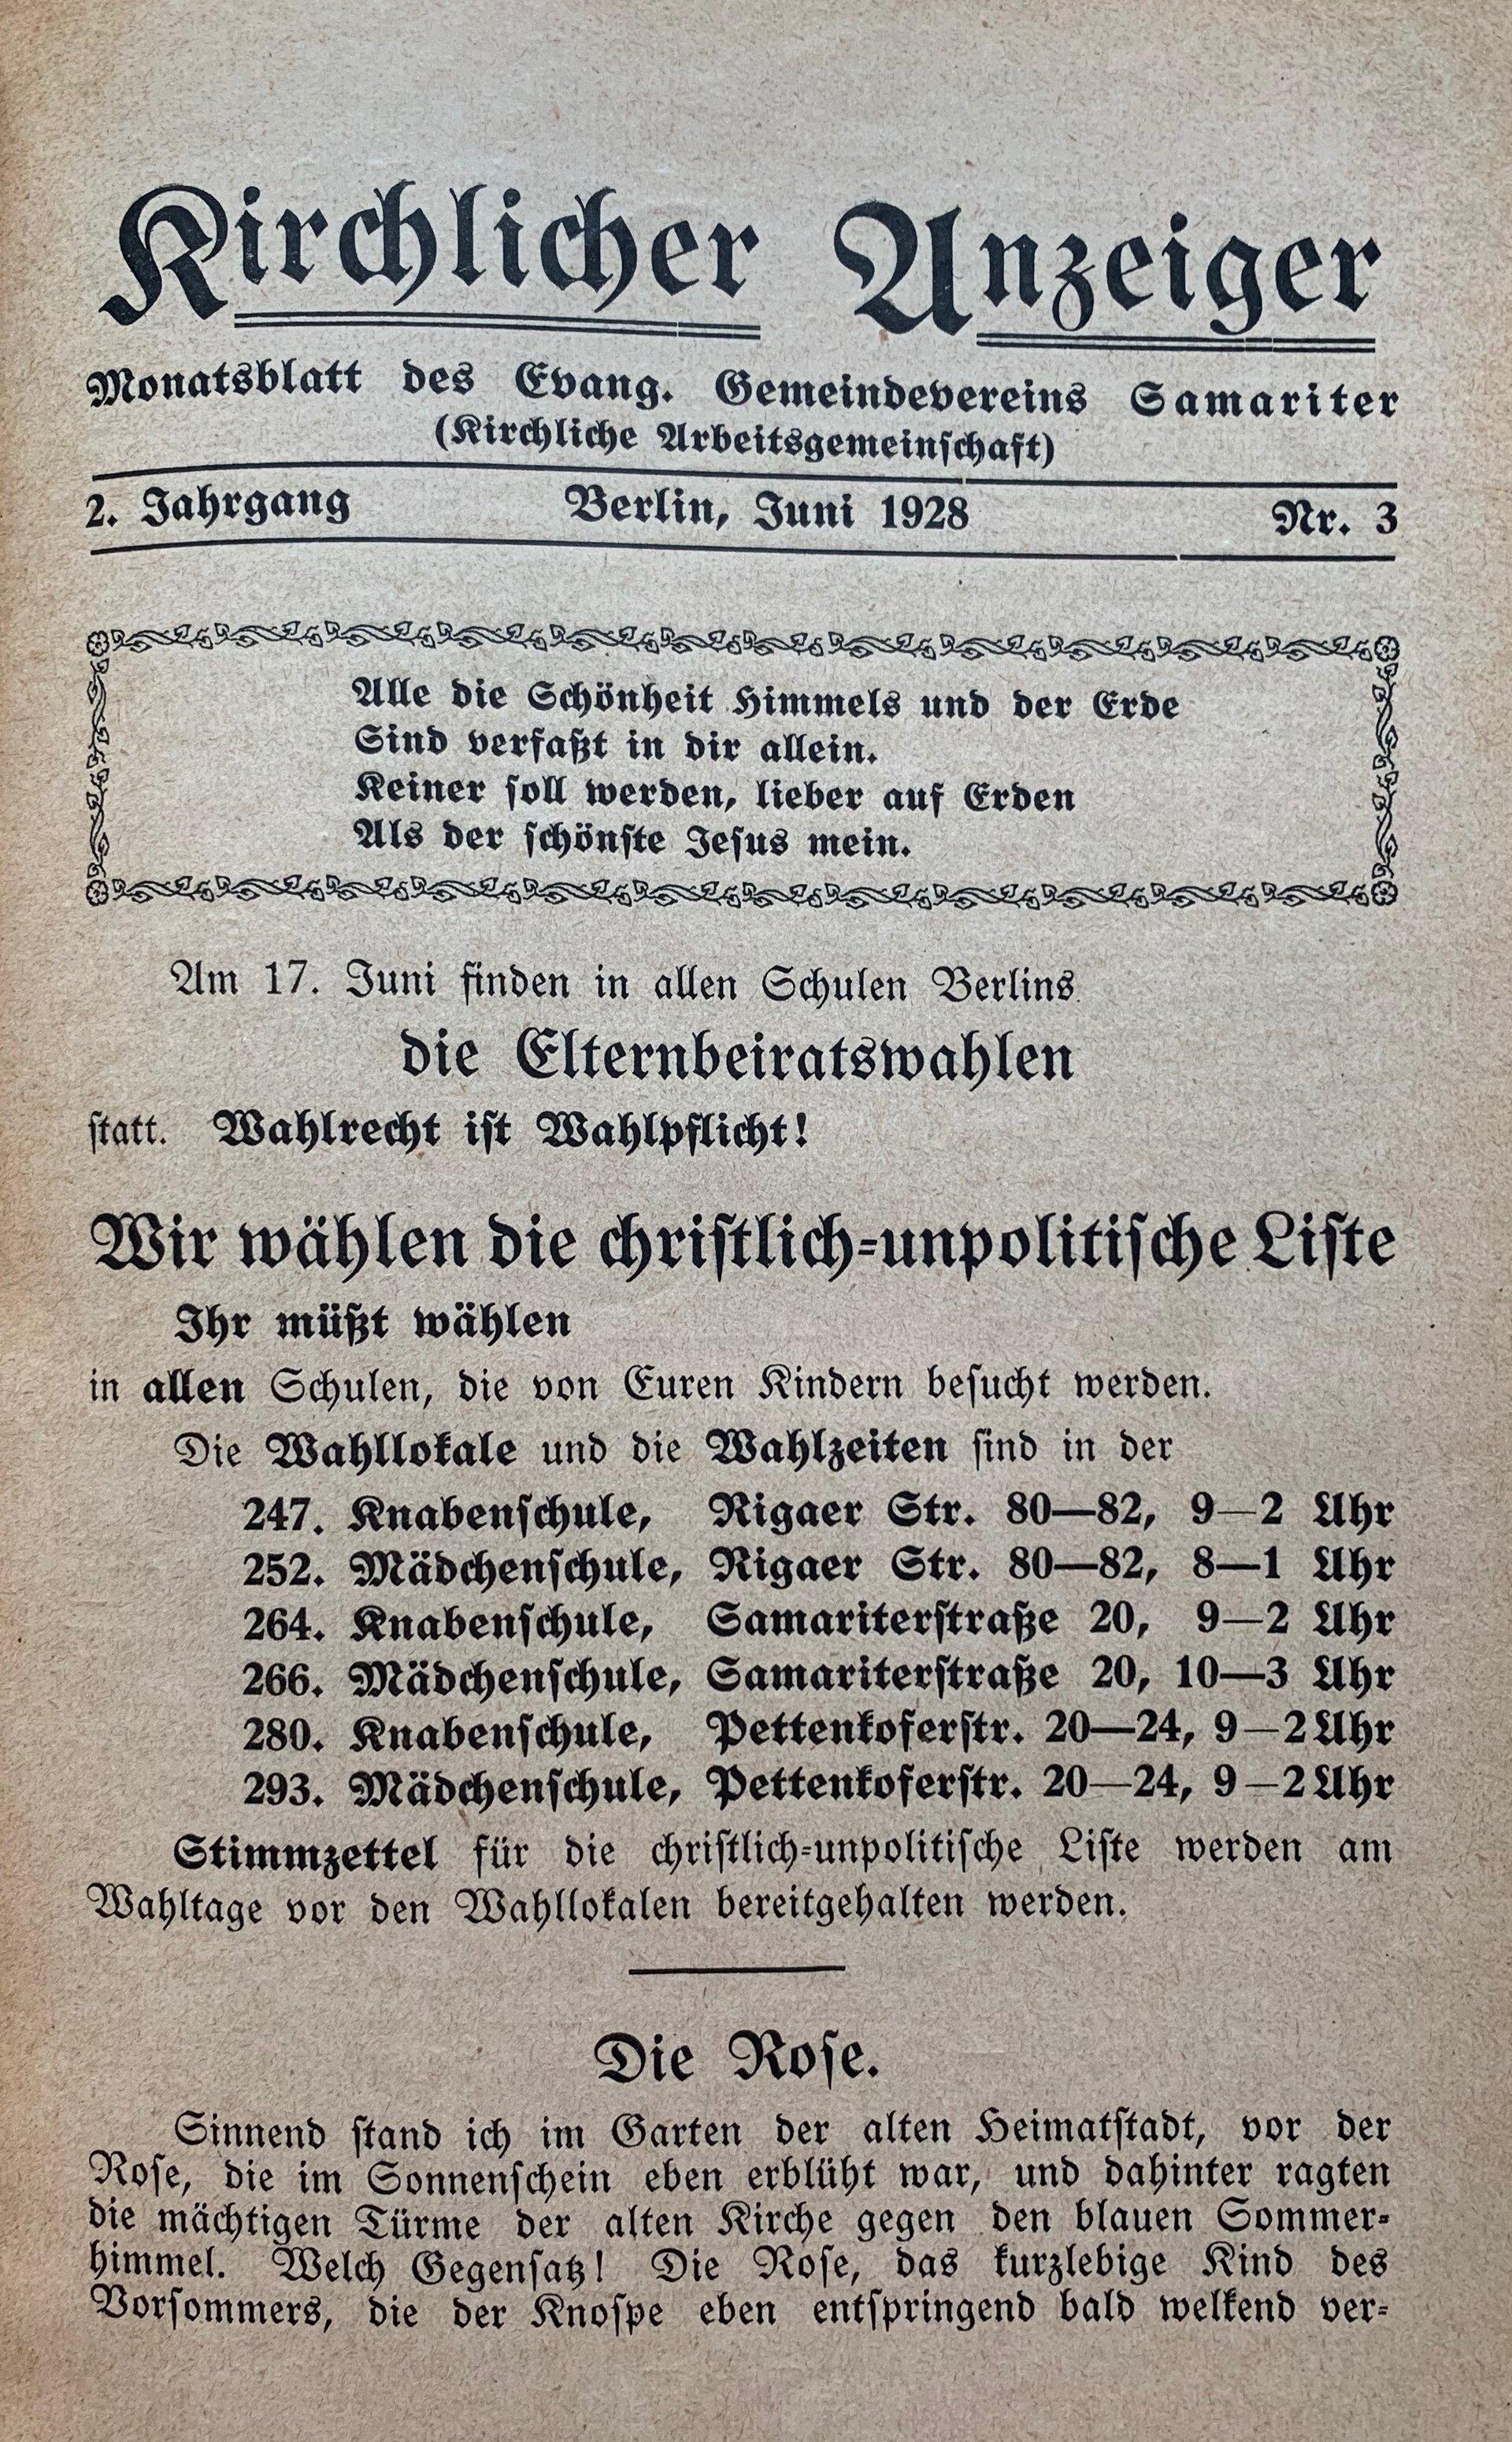 Kirchlicher Anzeiger Juni 1928